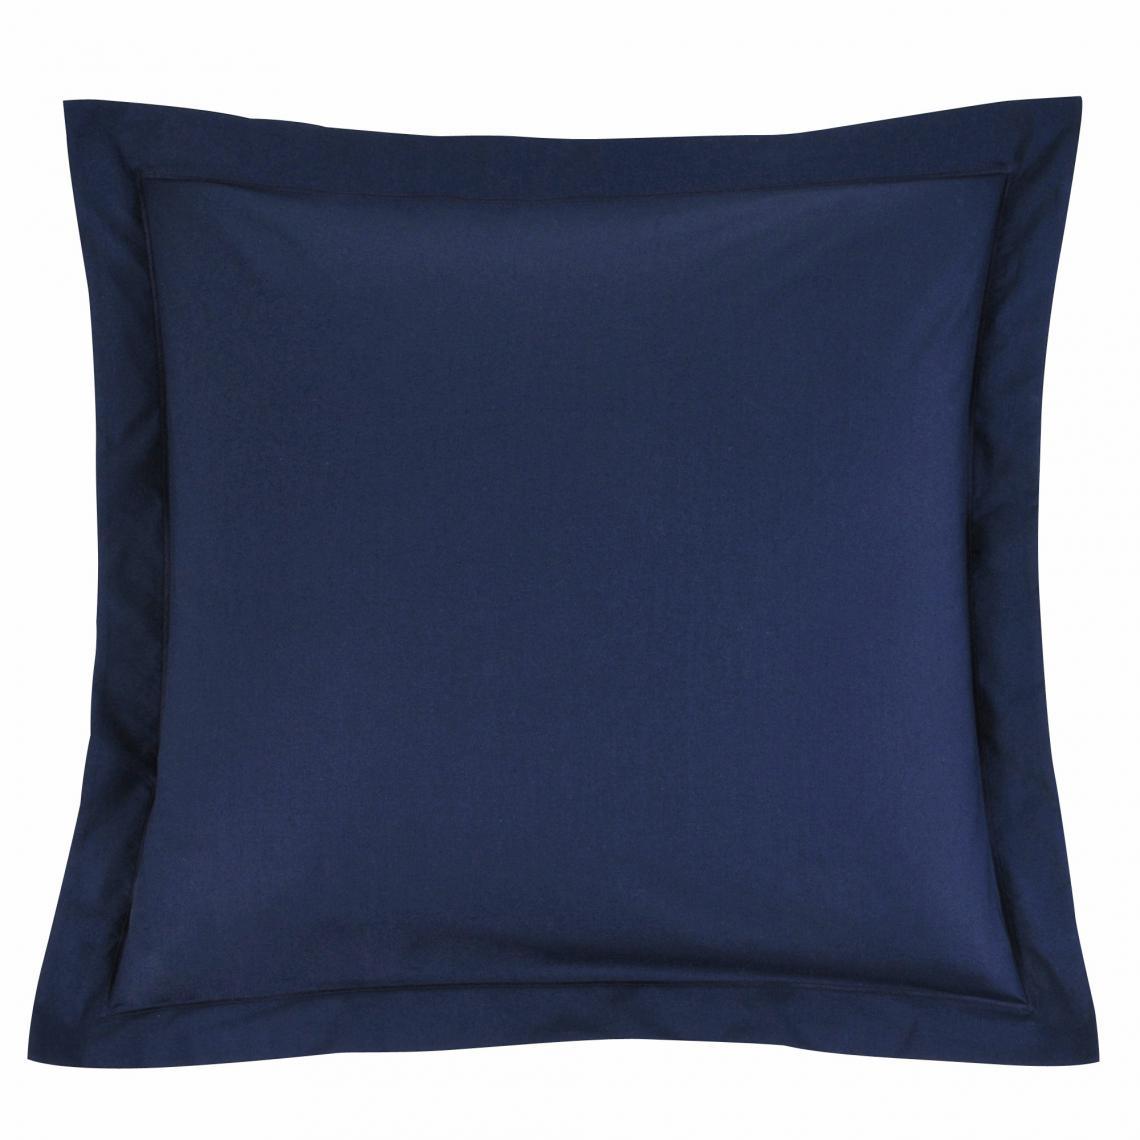 Taie D Oreiller Ou De Traversin Coton Unie Percale Bleu Marine